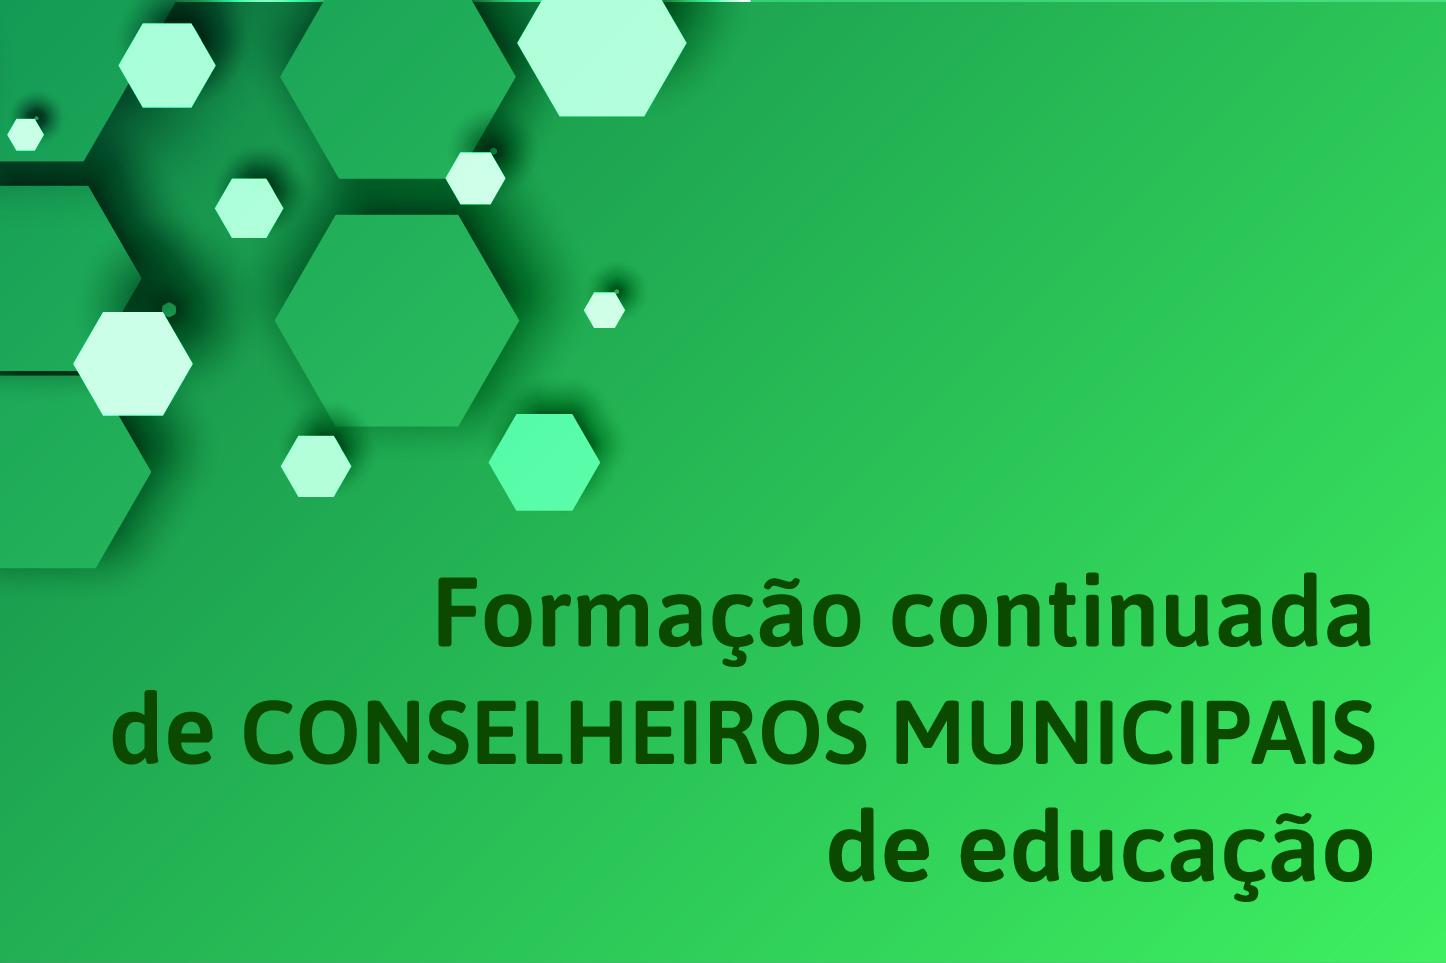 FORMAÇÃO DE CONSELHEIROS MUNICIPAIS DE EDUCAÇÃO